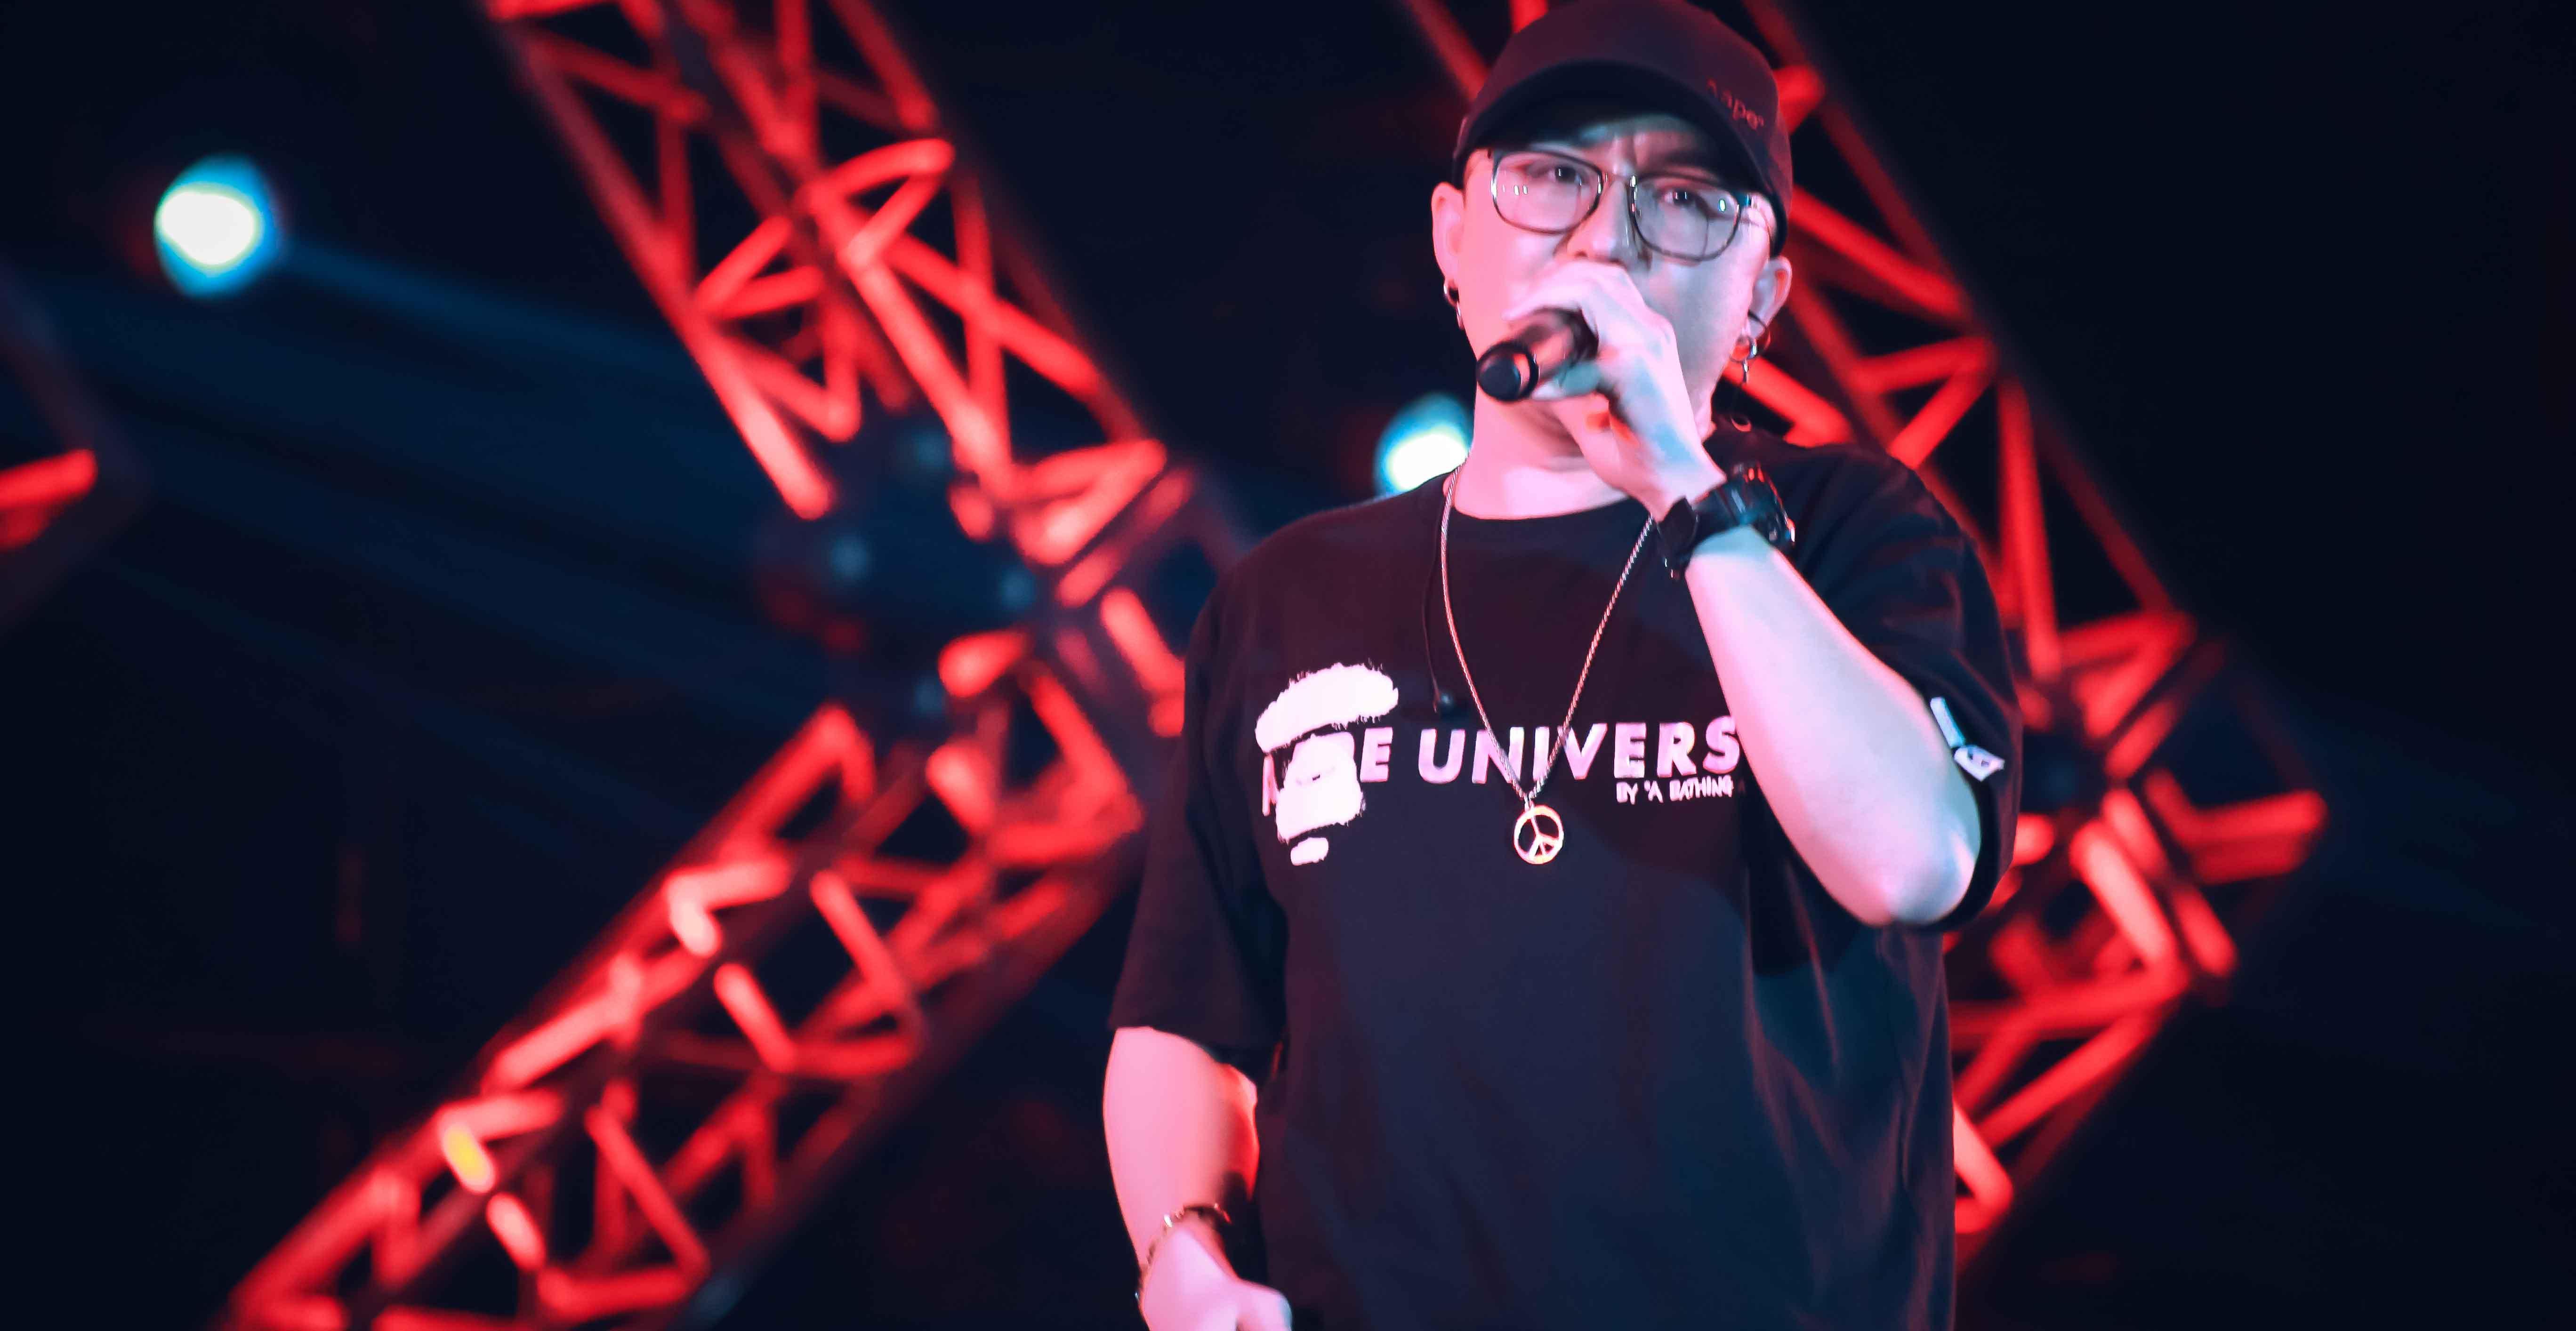 交通银行•2018橘洲音乐节正式开幕